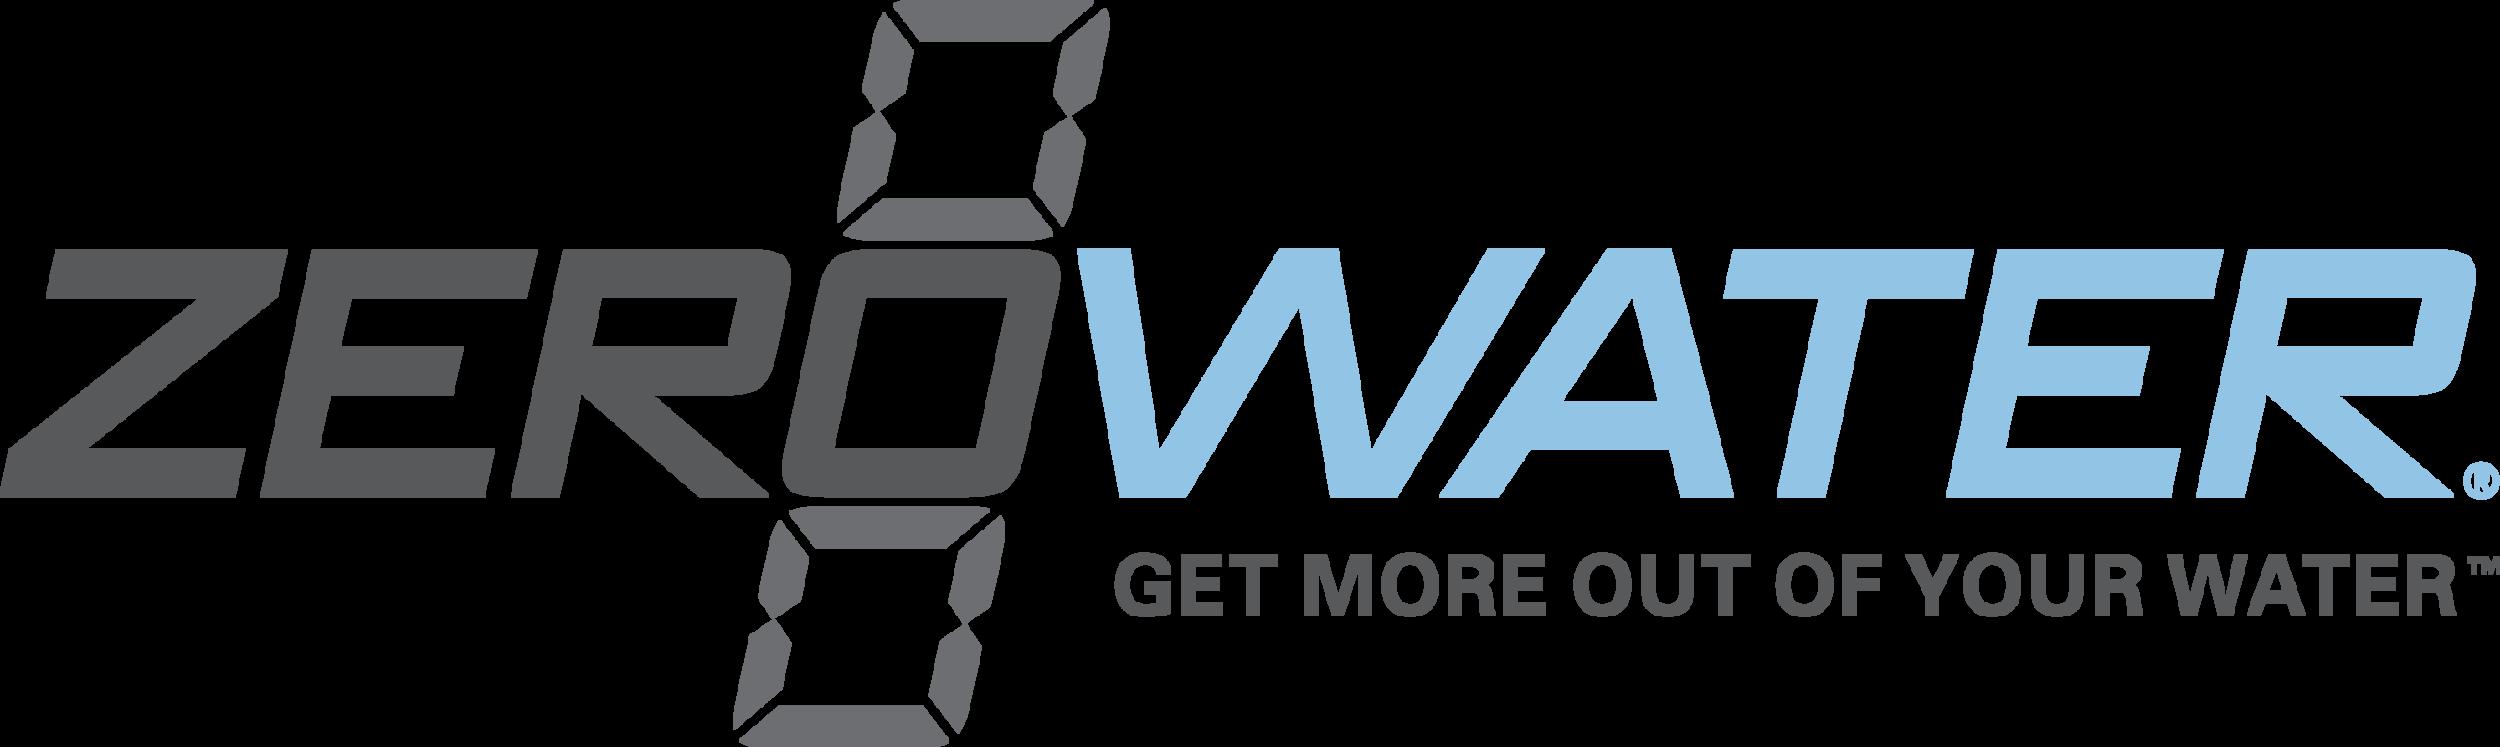 ZeroWater-logo_tagline-OnWhite_hi-res-Copy.png